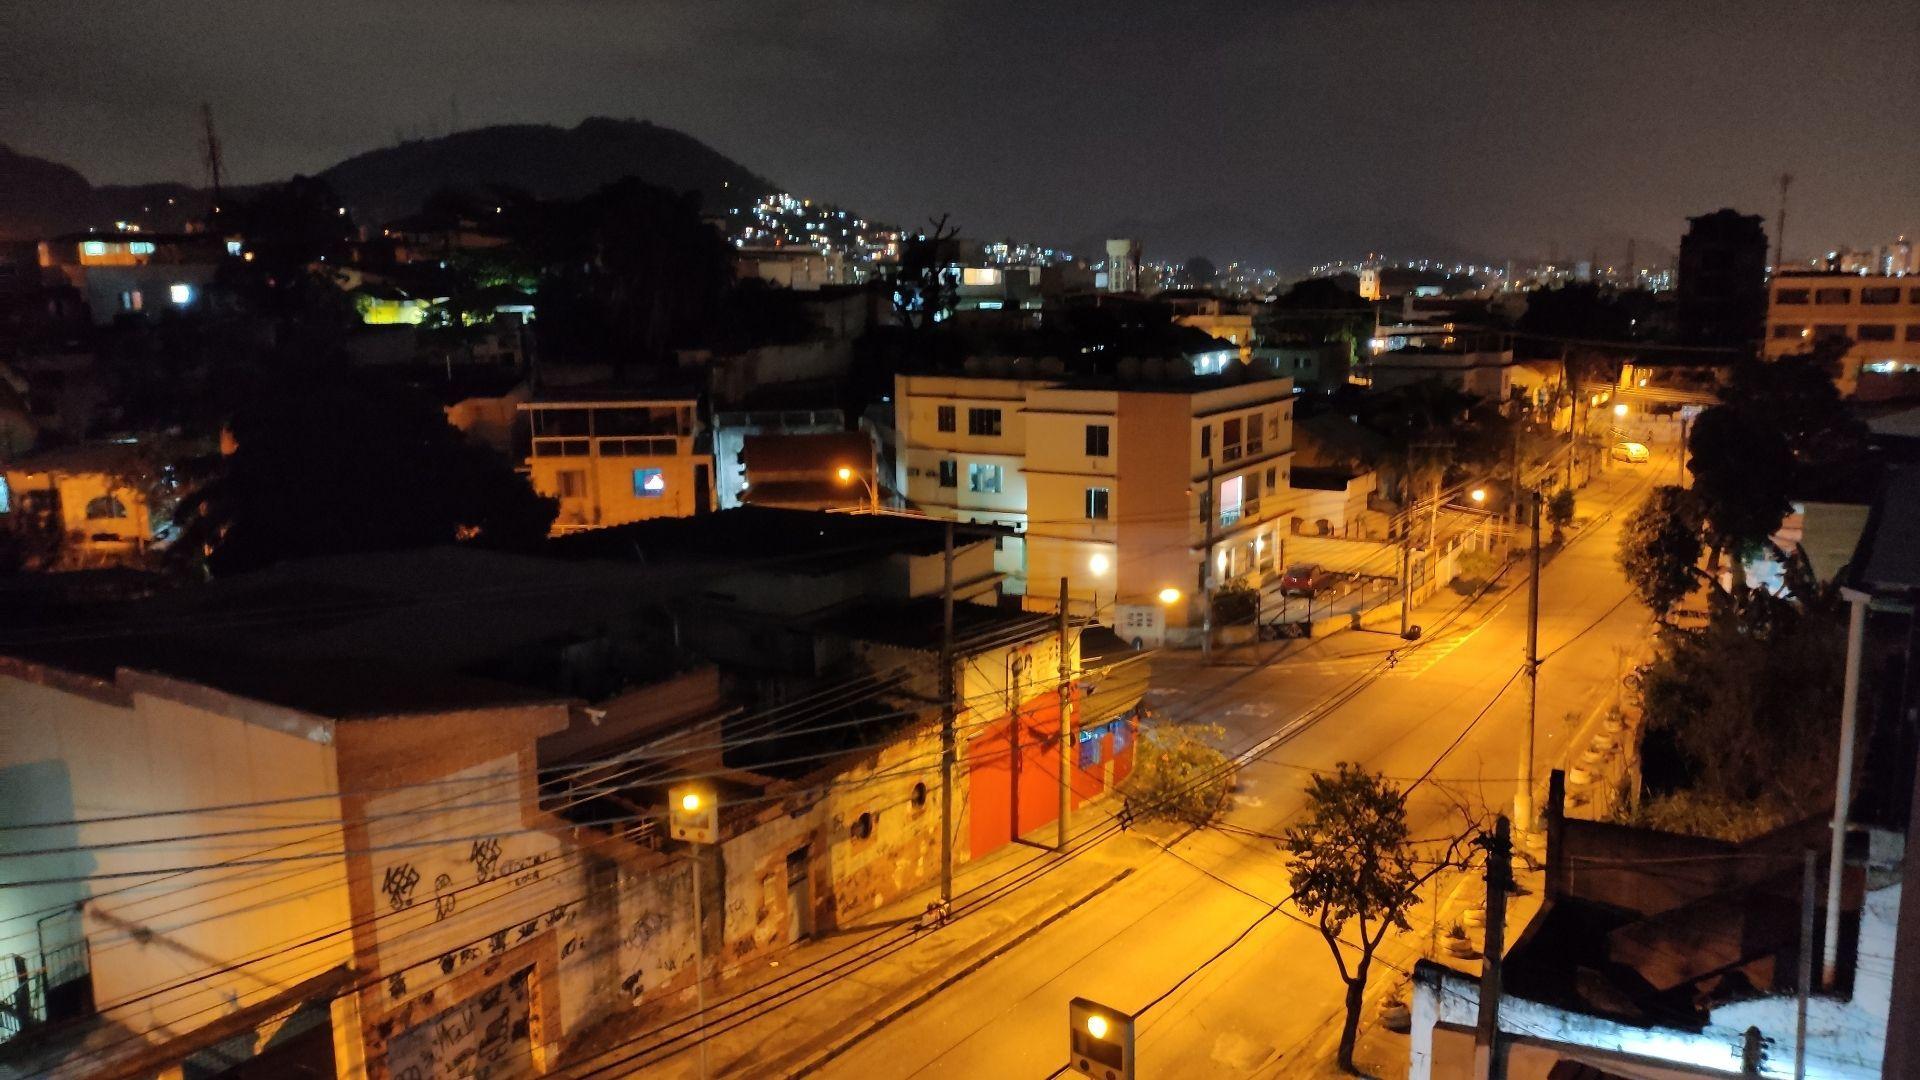 Foto tirada feita à noite com o Poco X3 NFC (Foto: Zoom)